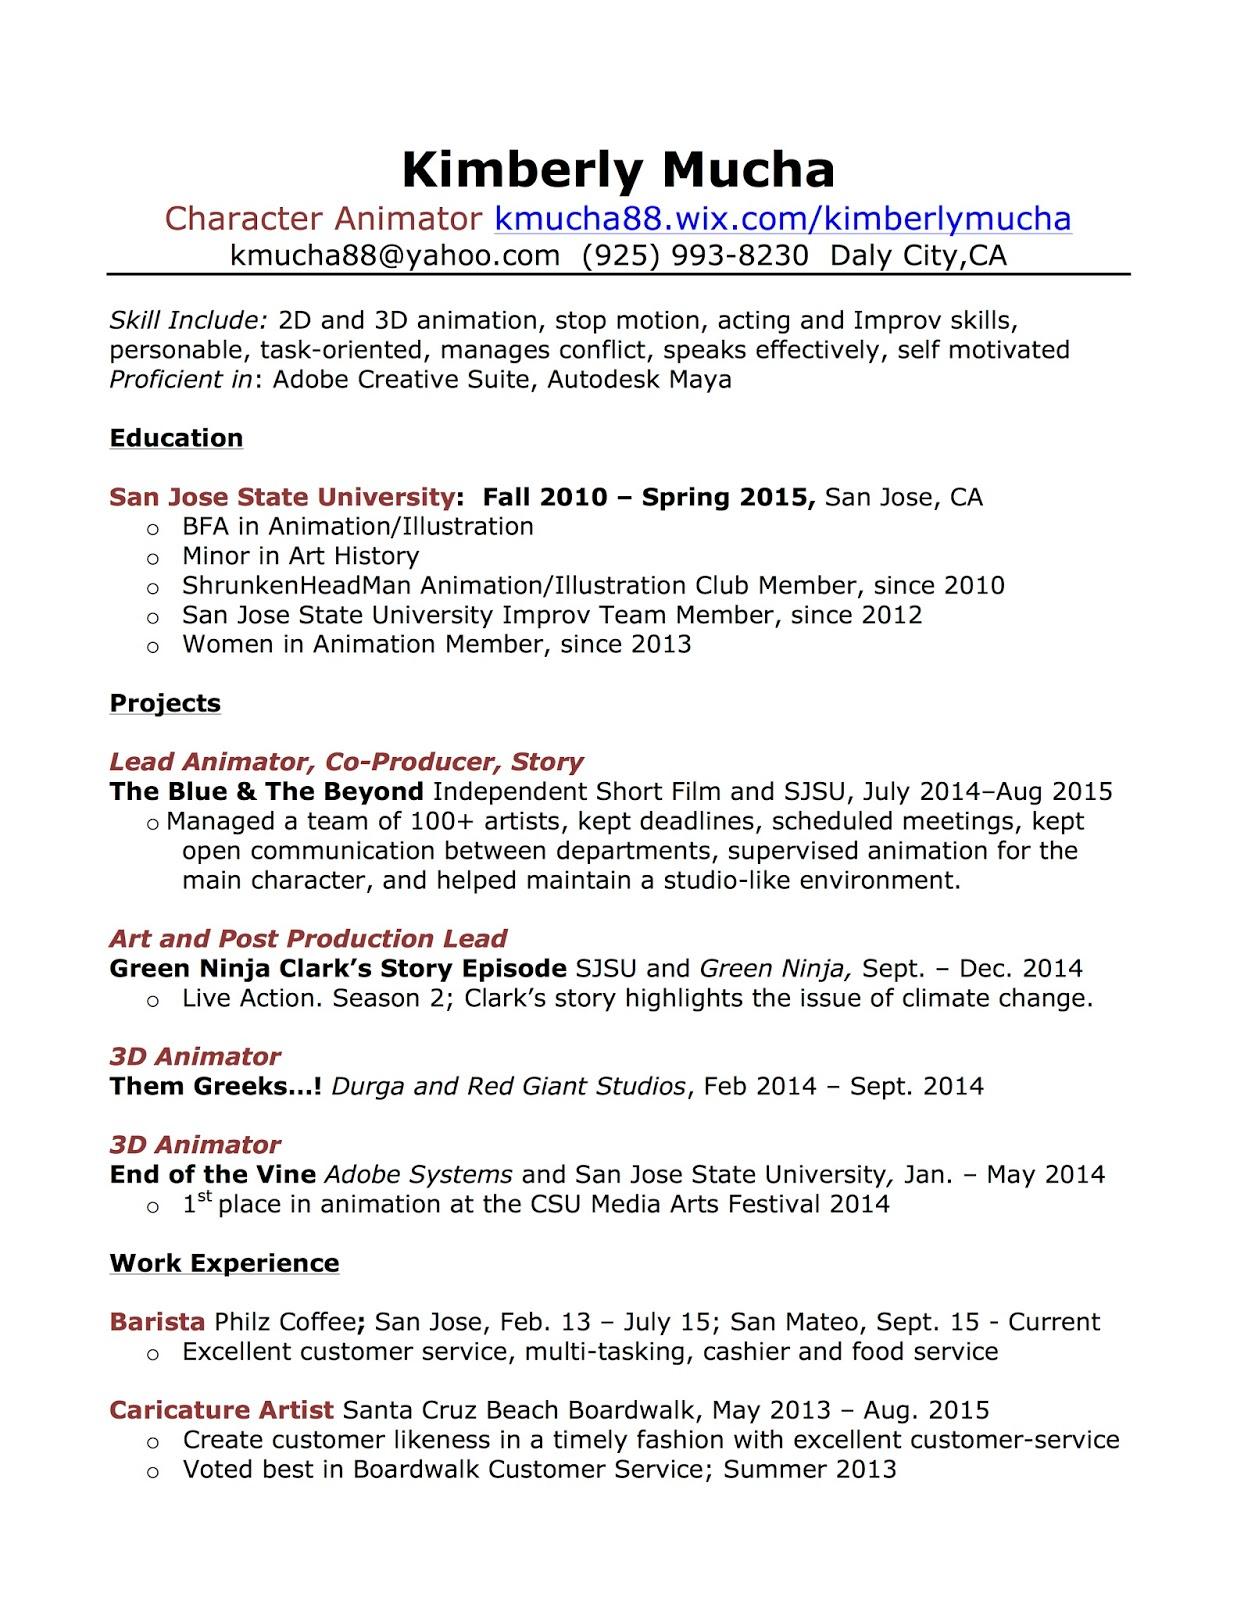 Kimberly Mucha - Resume